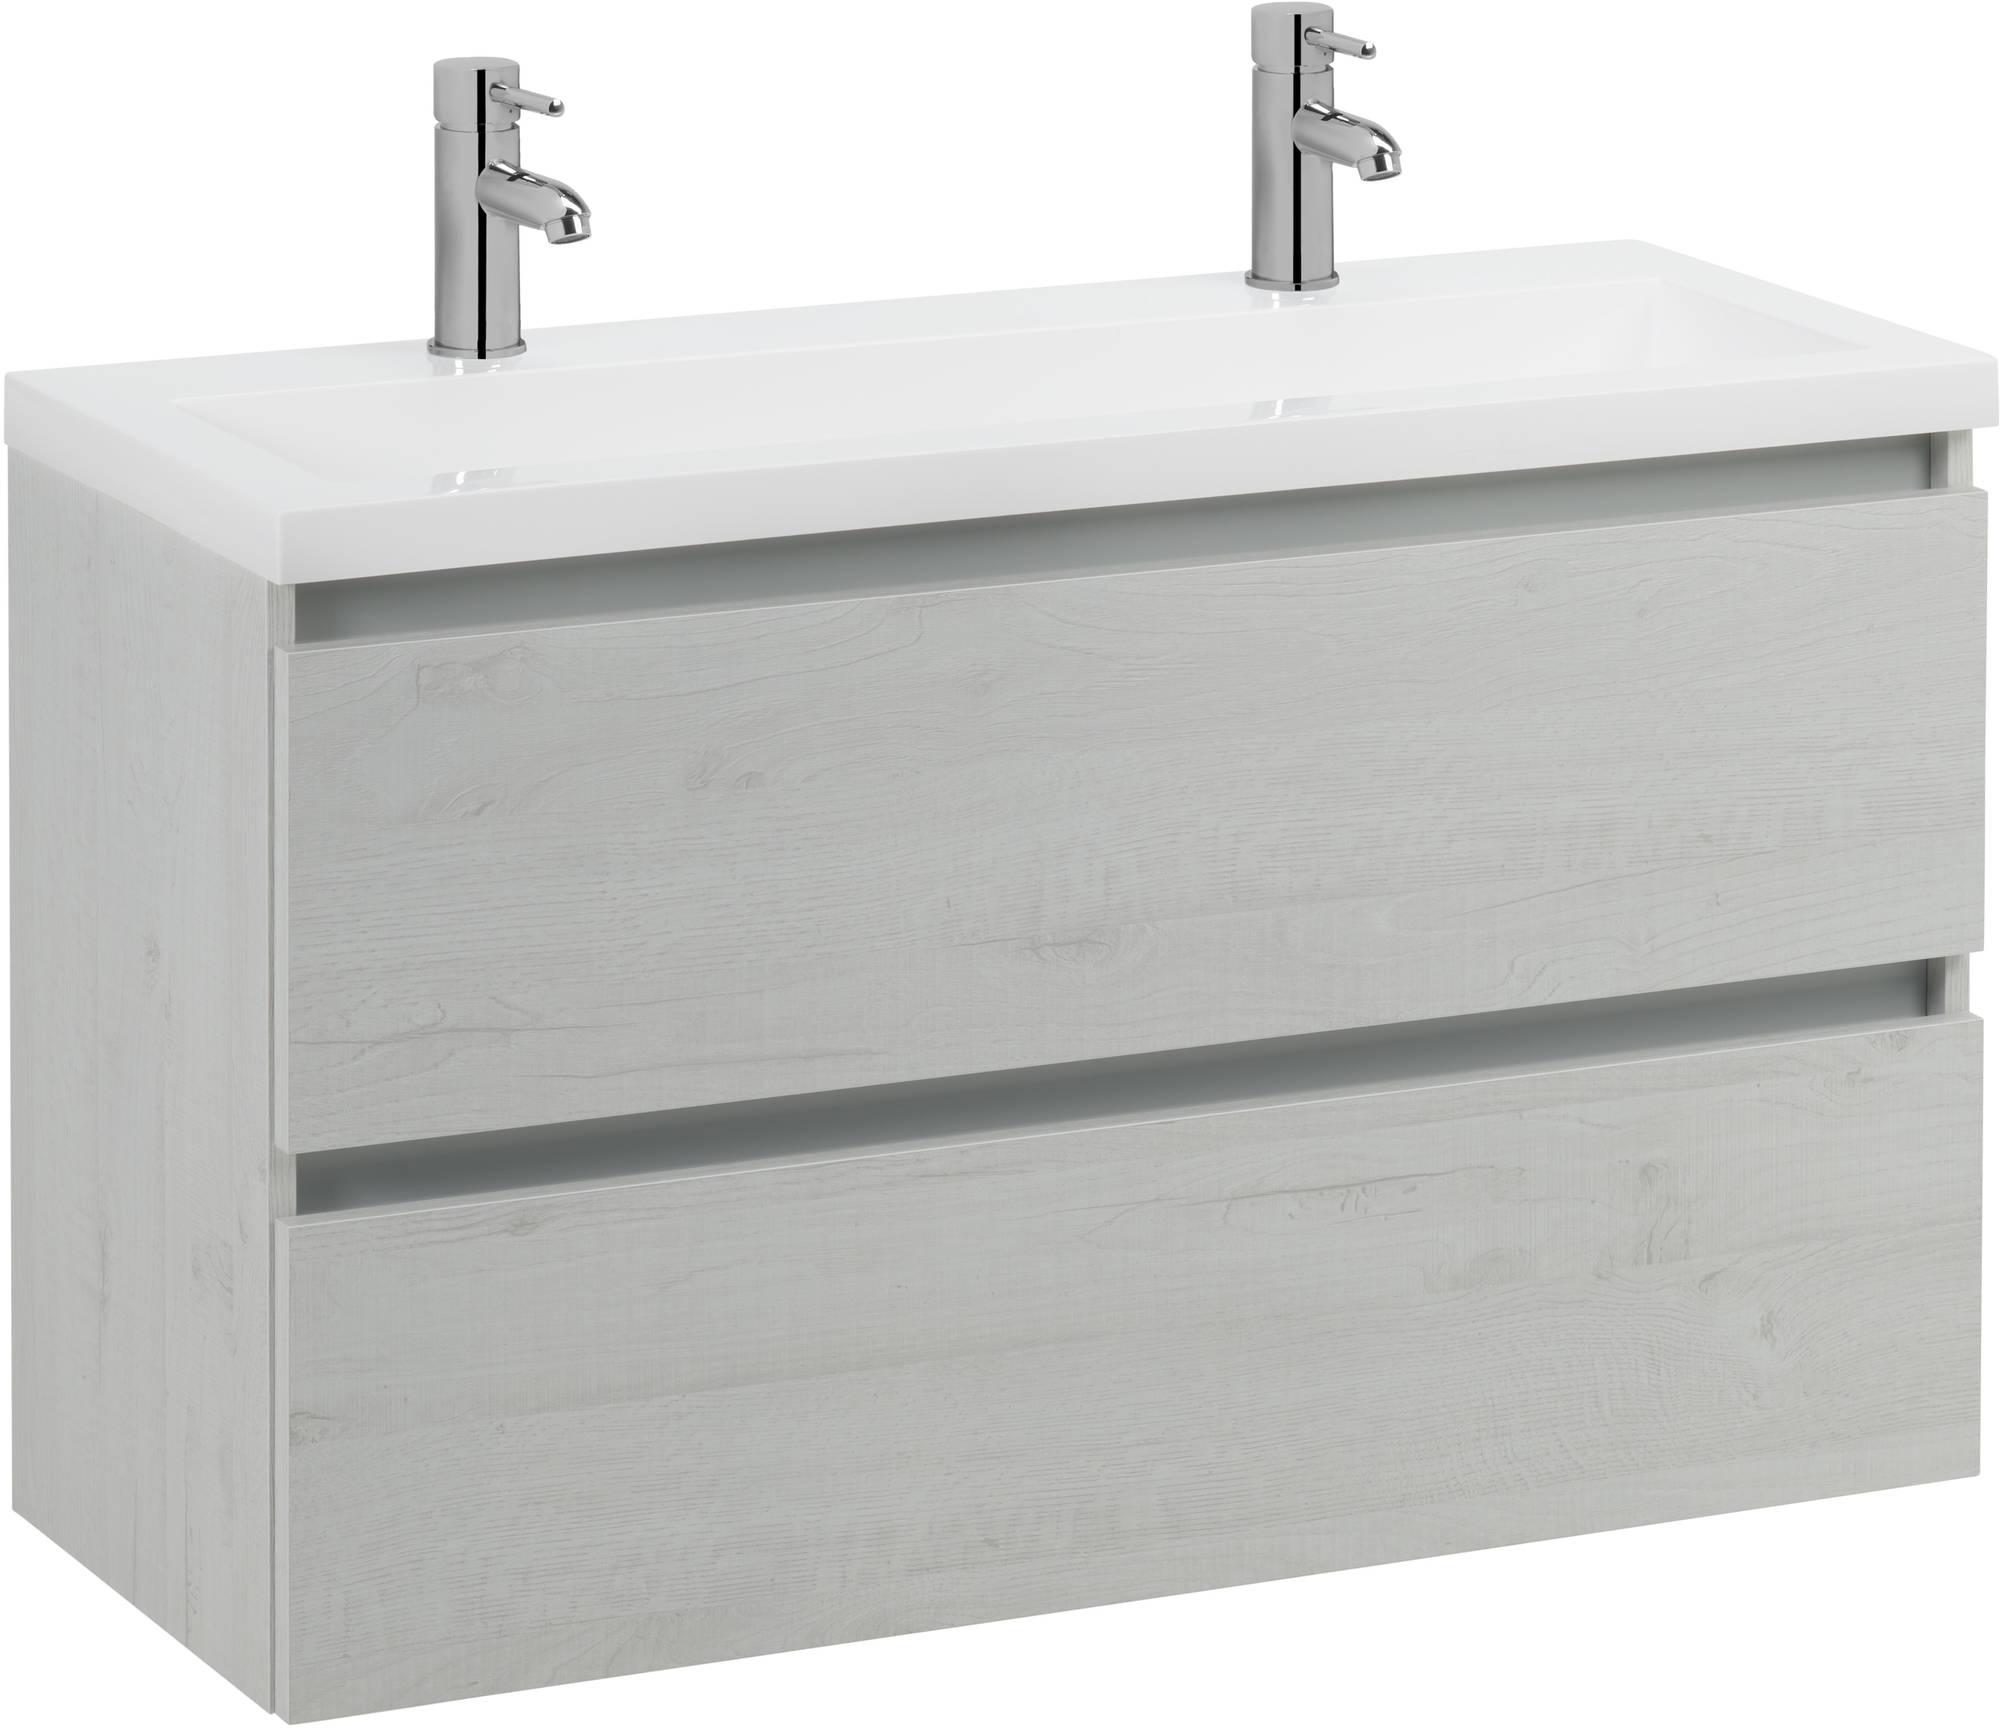 Saniselect Guarda meubelset 2 lades met mineraalmarmere wastafel greeploos 120cm Pool Wit